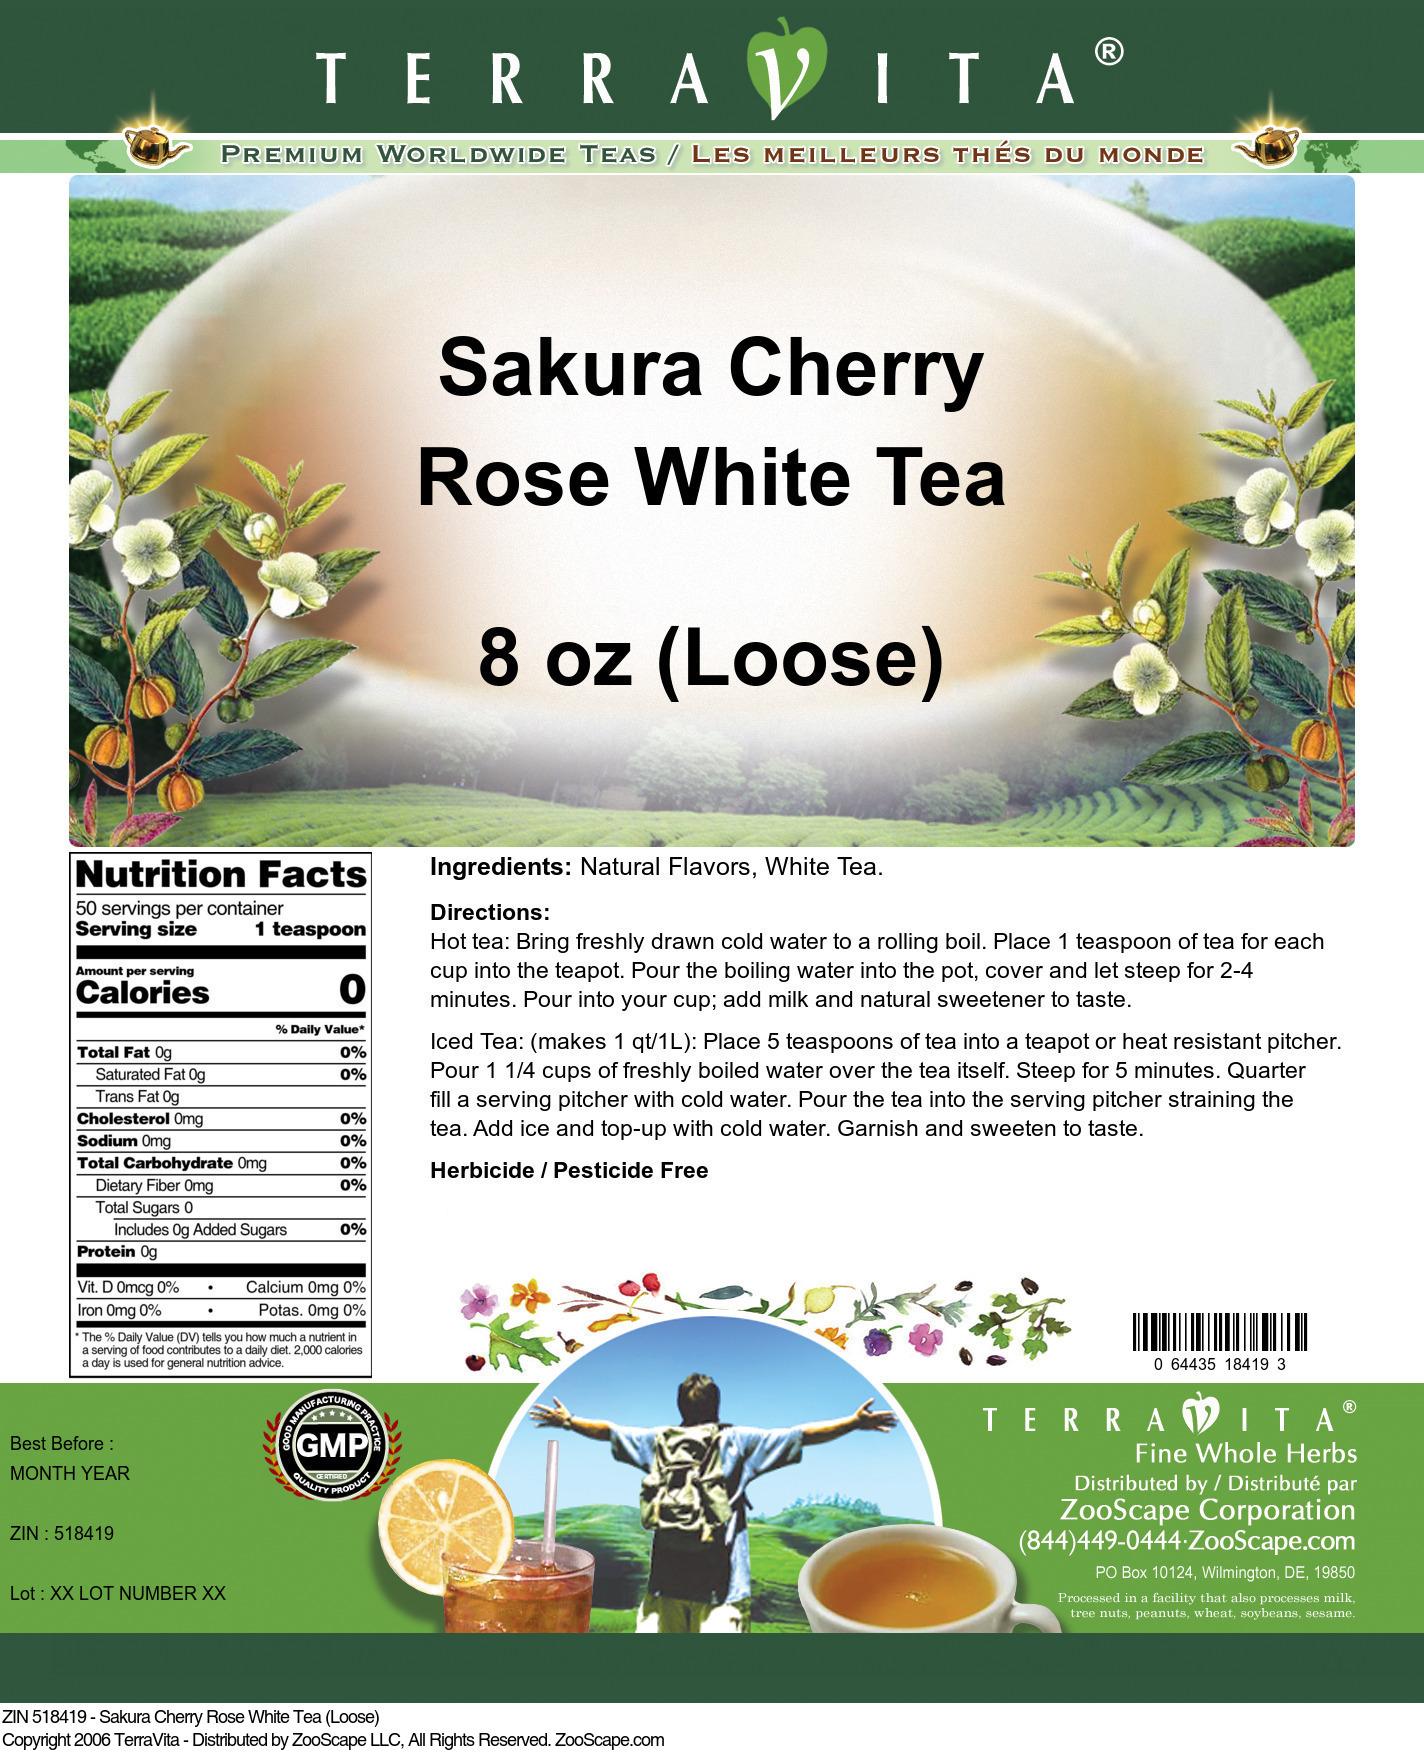 Sakura Cherry Rose White Tea